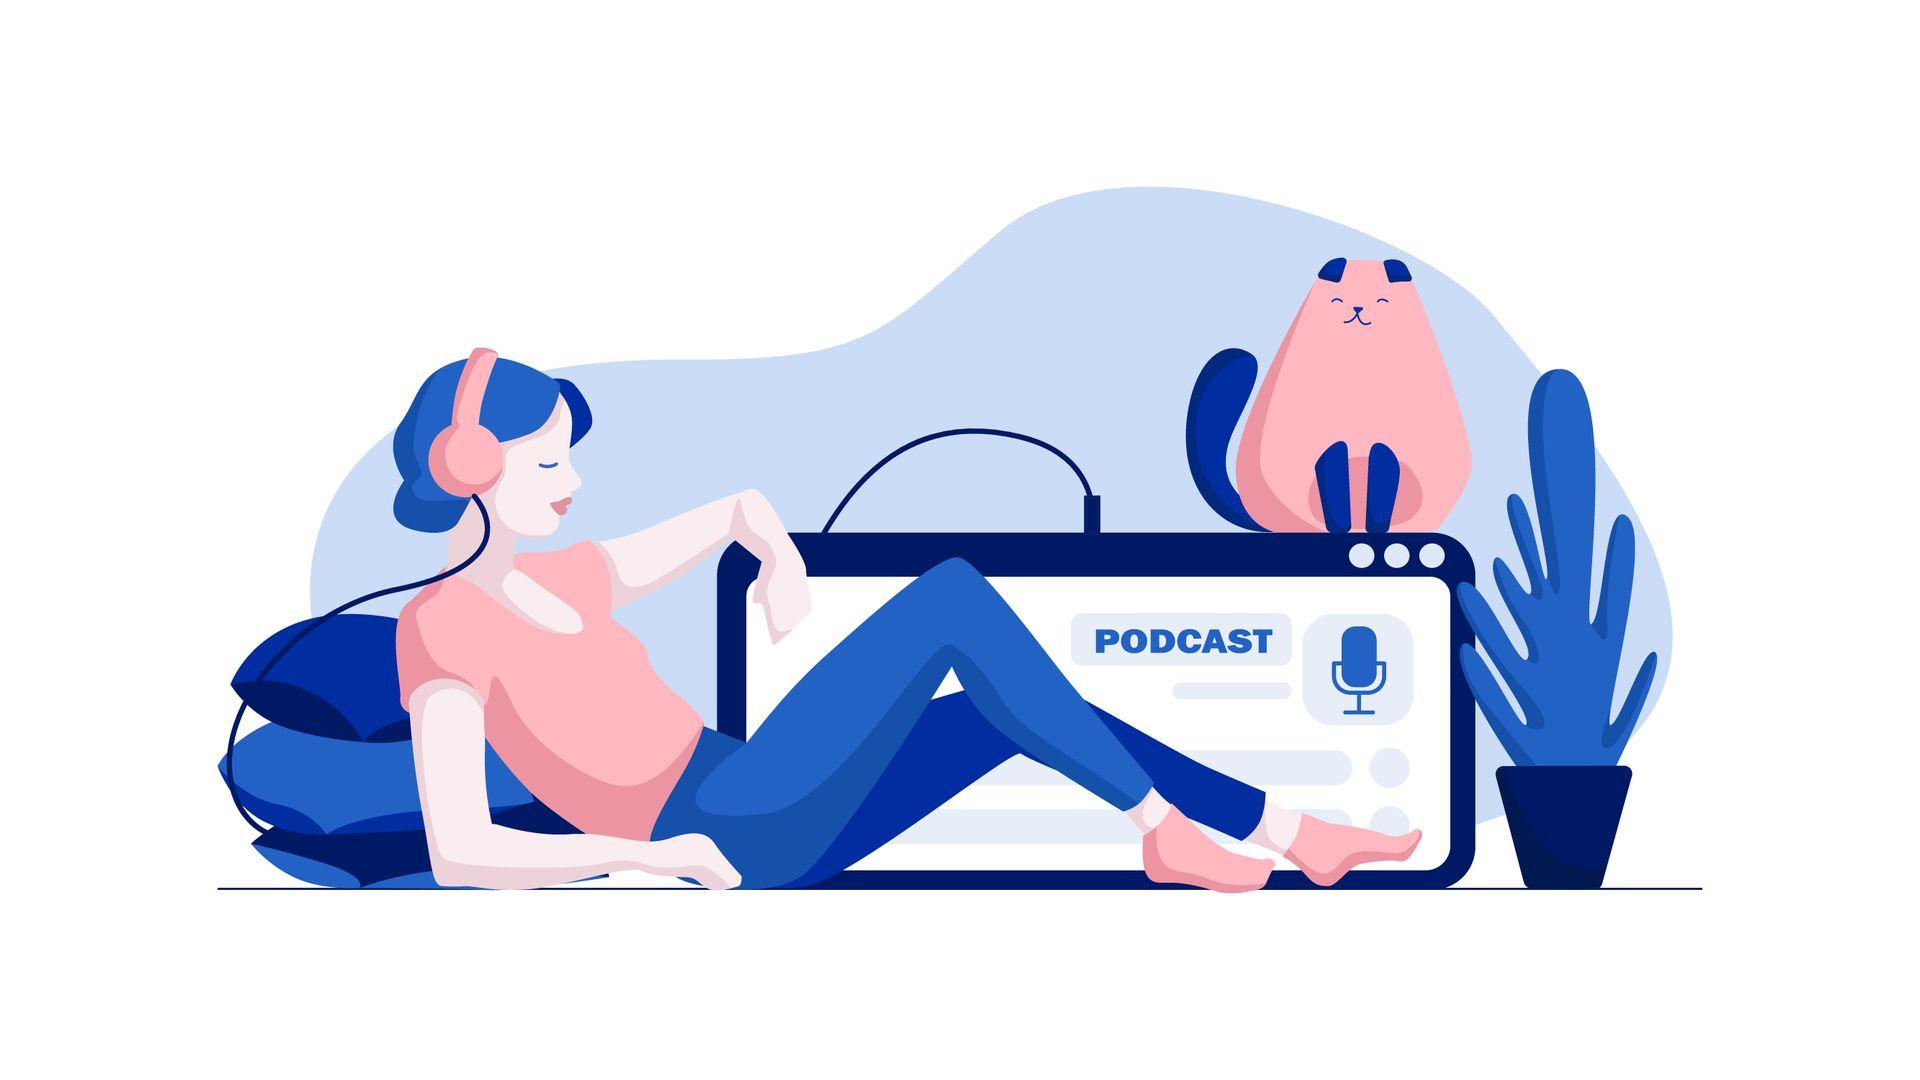 Entenda o que é podcast. (Imagem: kubekinair/Shutterstock)